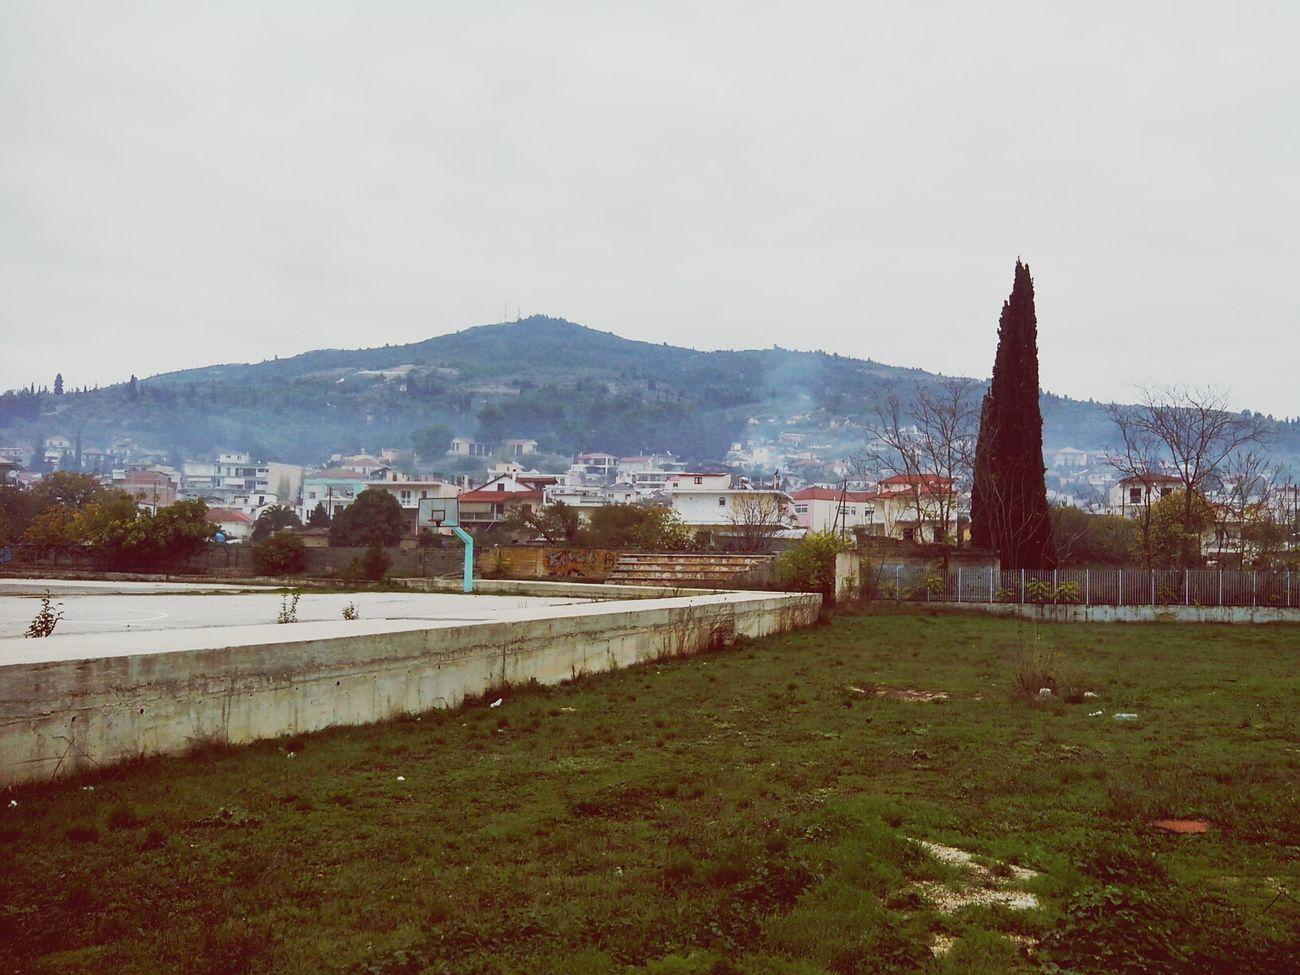 Nemea 2013 2014